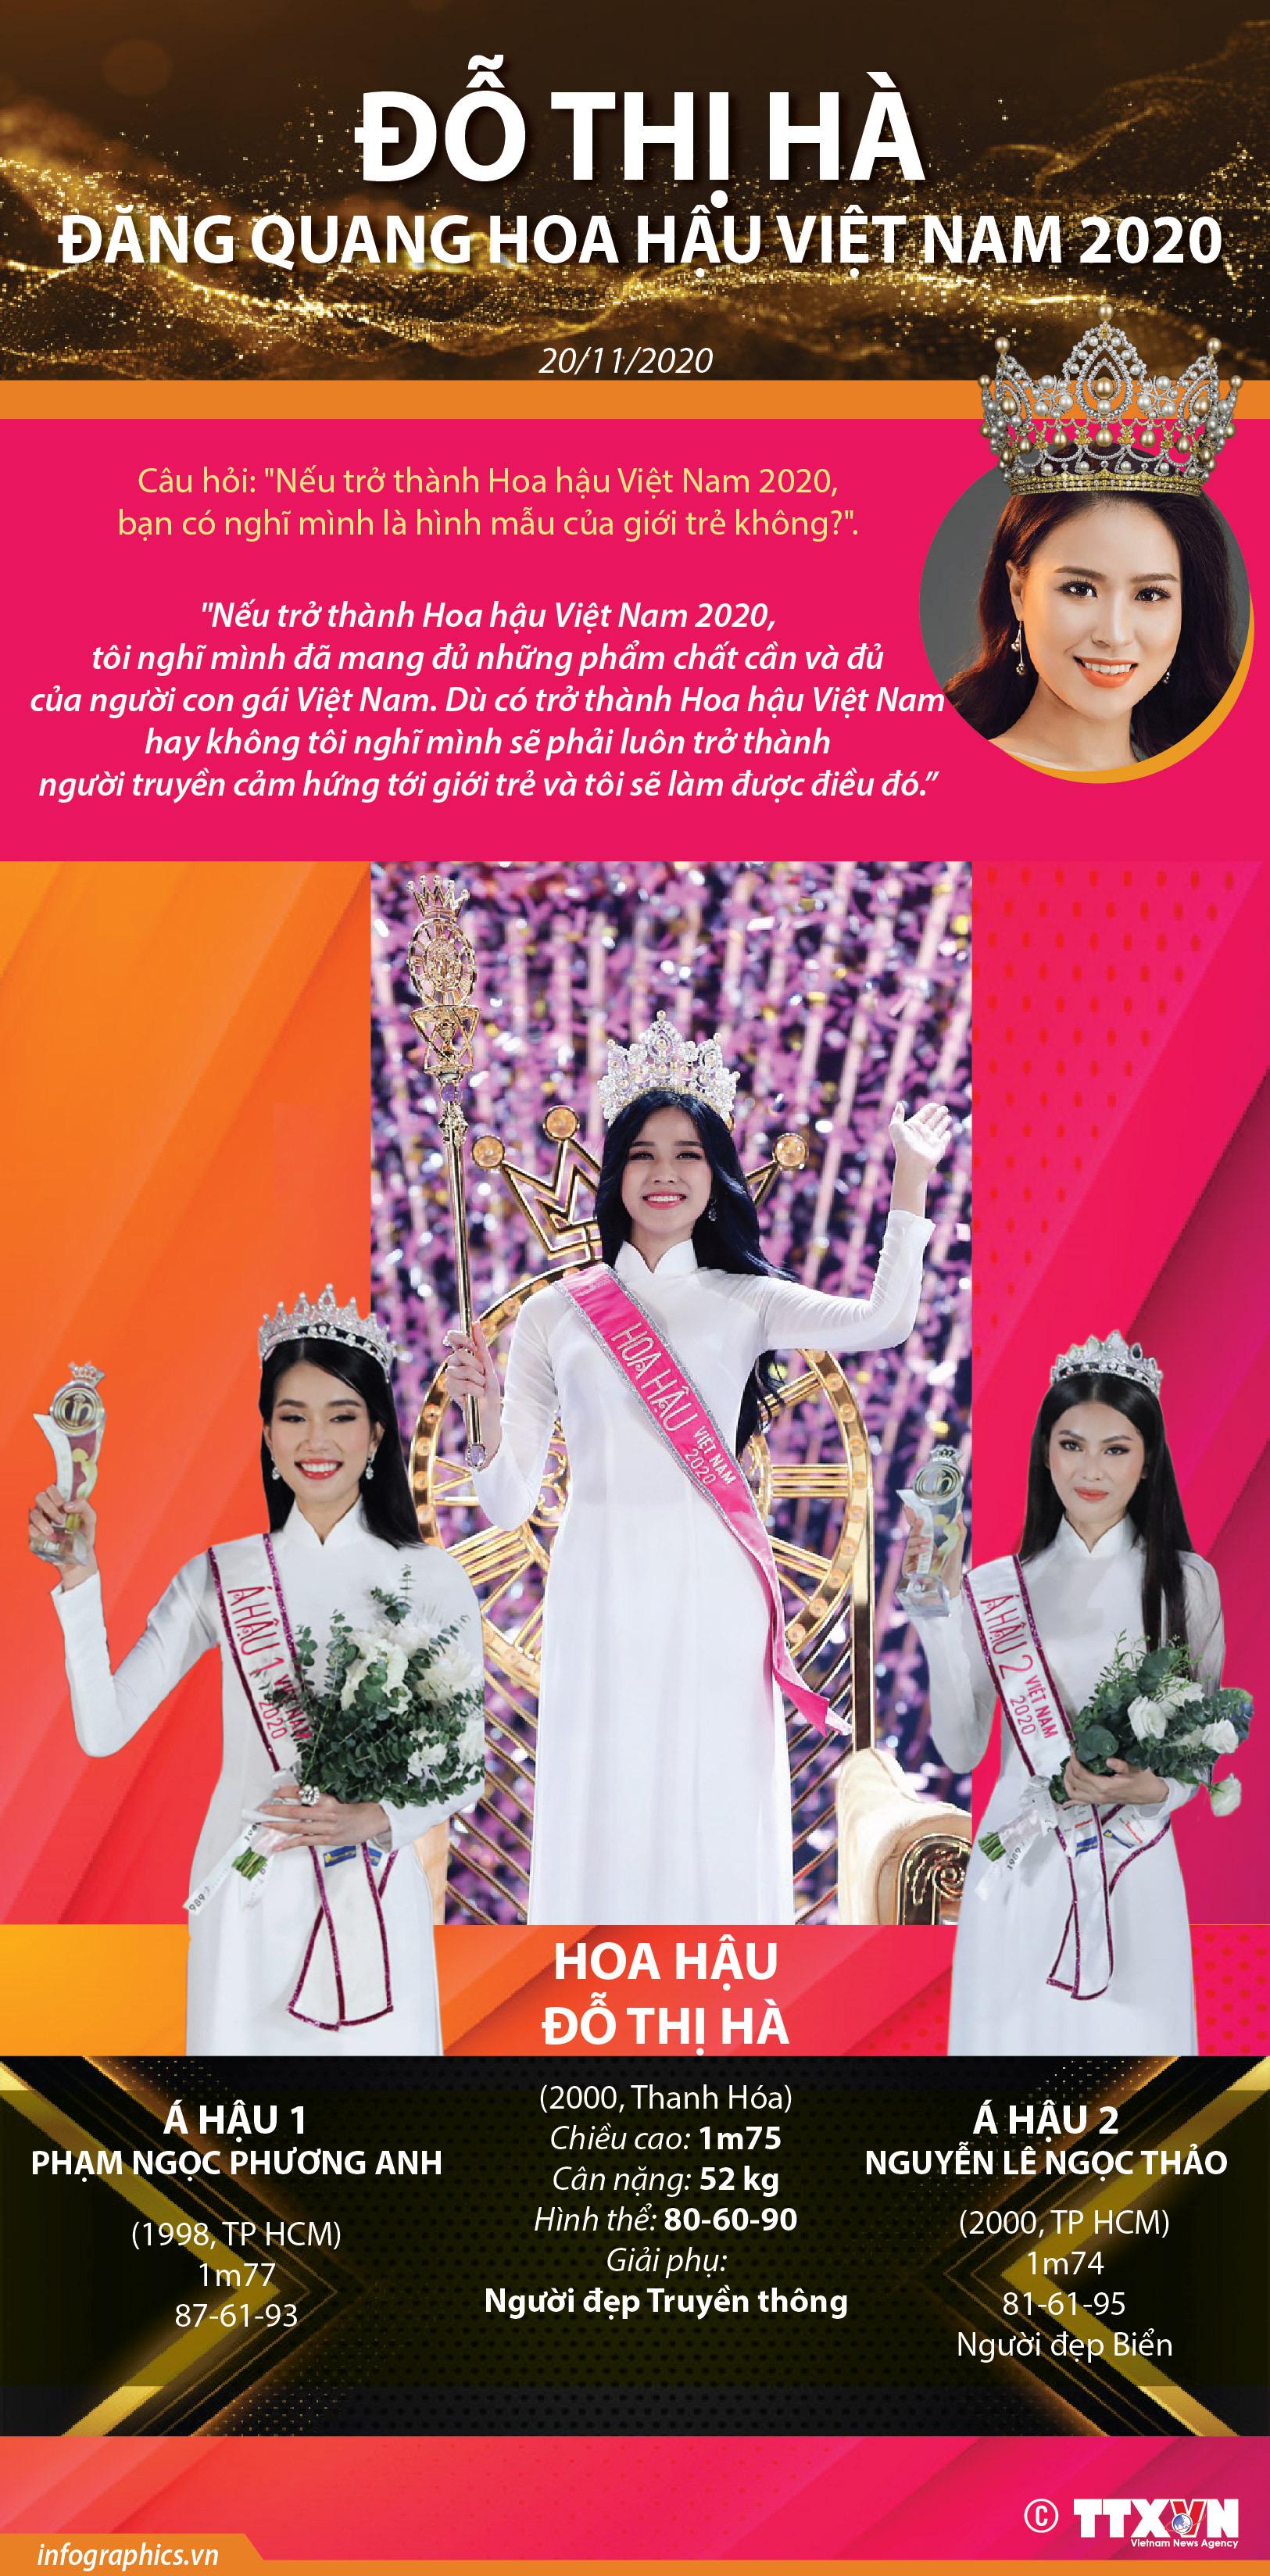 Đỗ Thị Hà đăng quang Hoa hậu Việt Nam 2020 - Ảnh 1